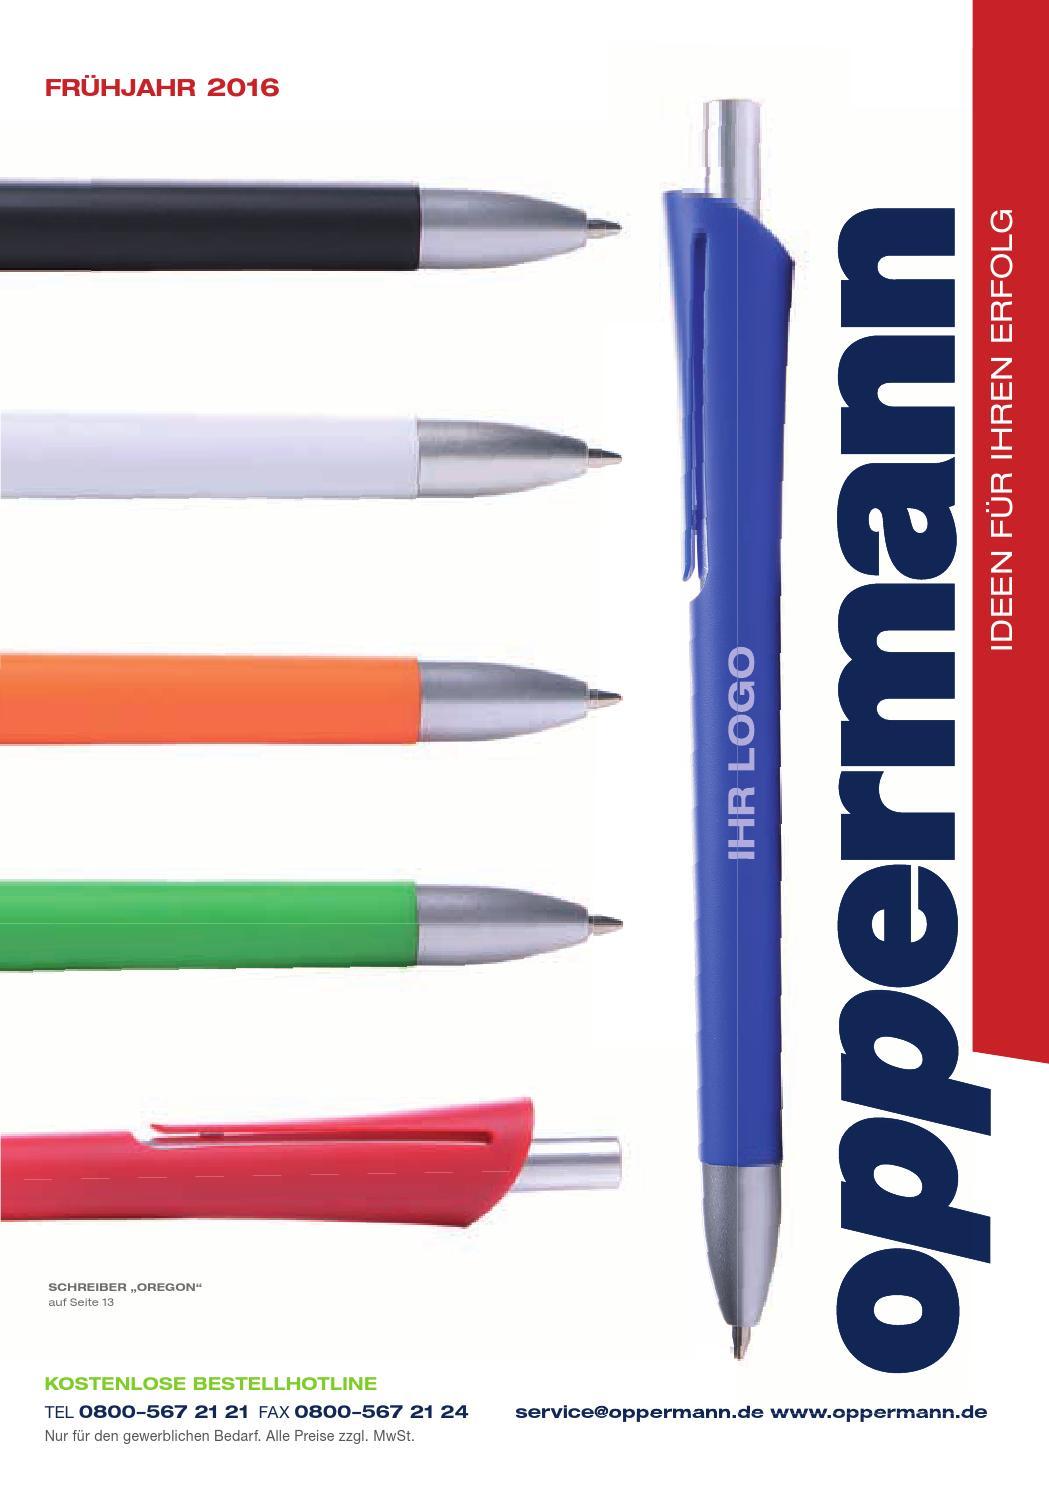 Rotring 600 Kugelschreiber Schwarz Metall Körper für Professionelle aus Japan